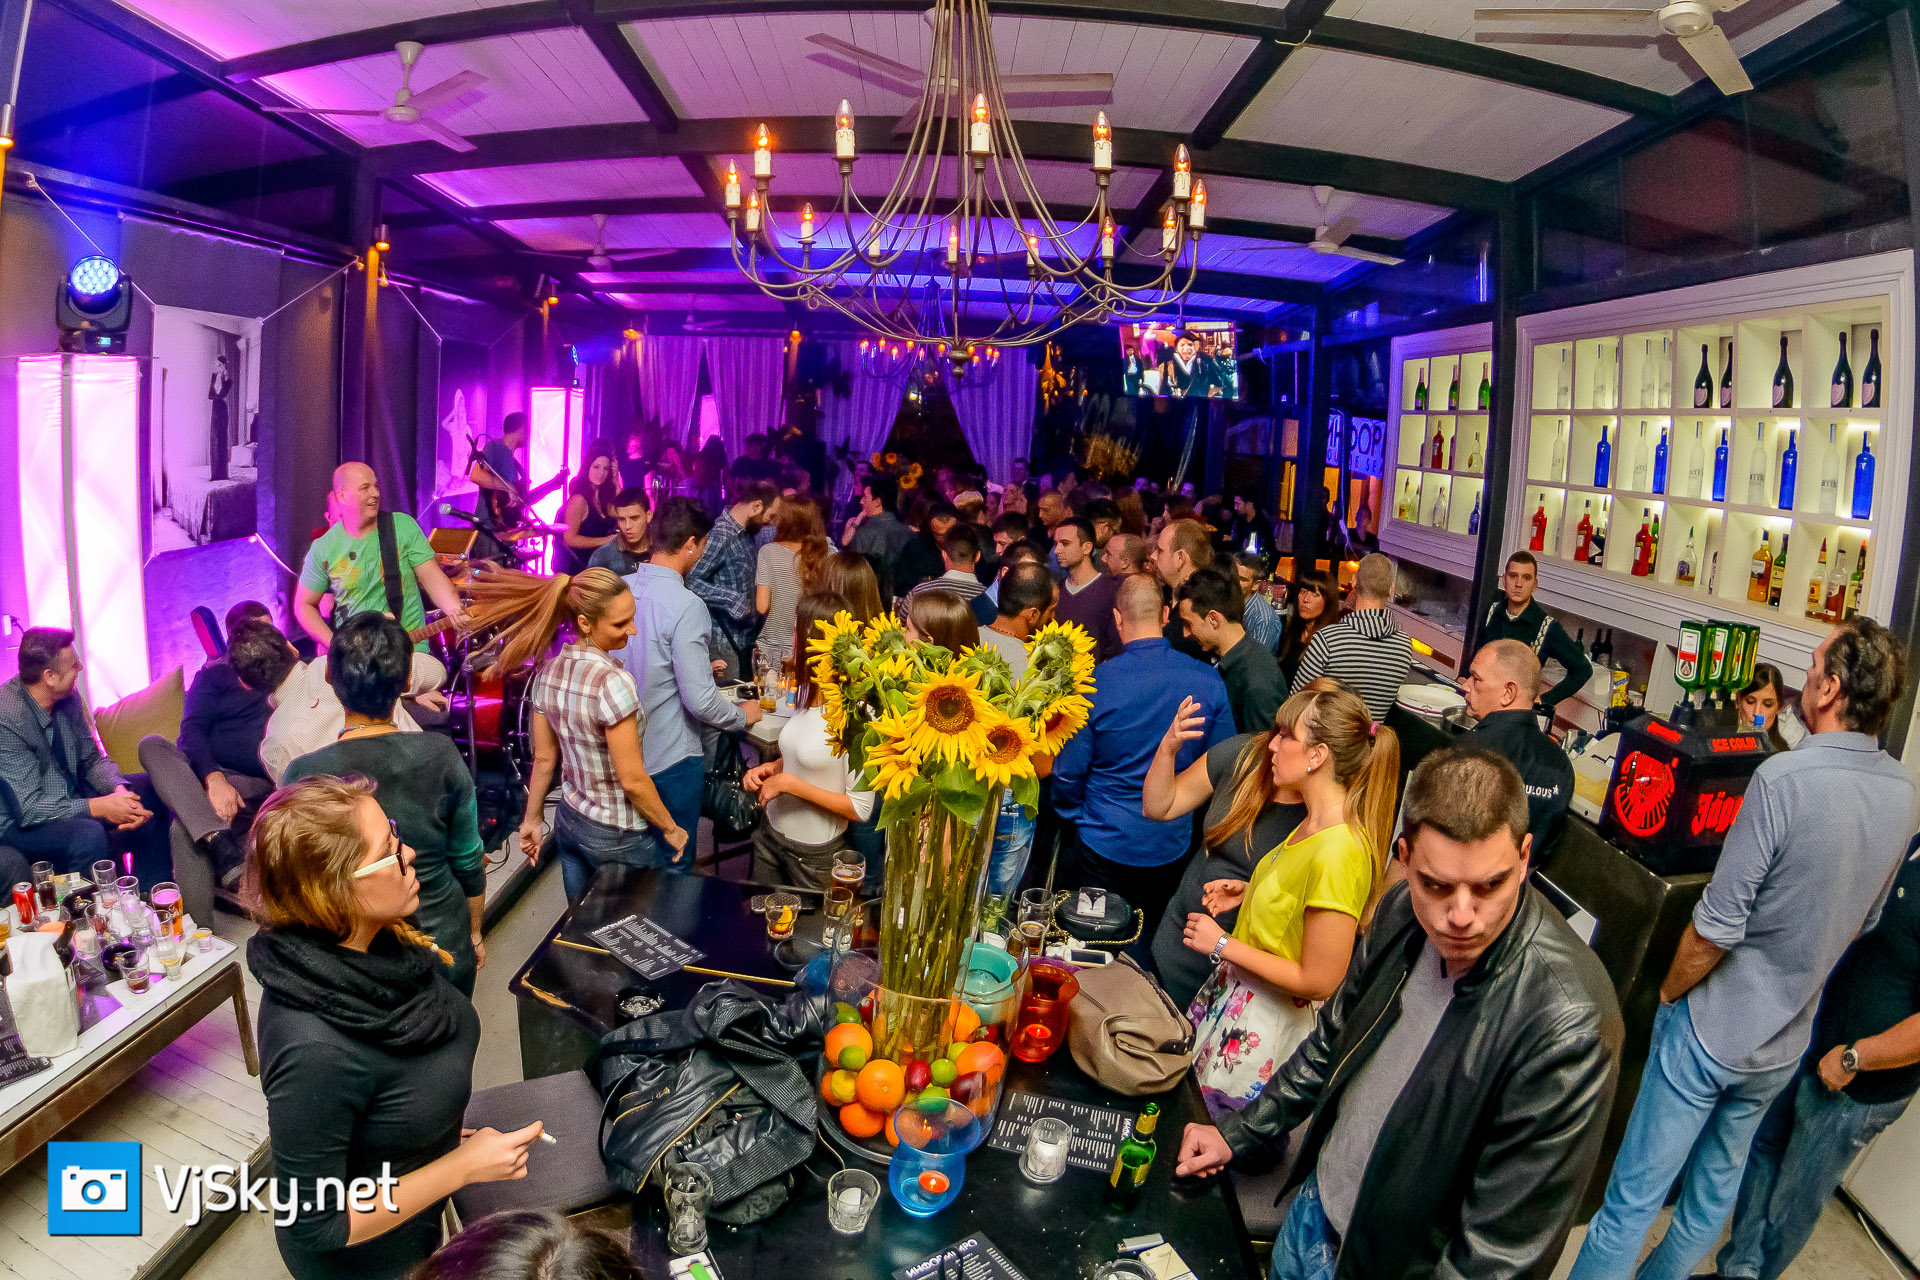 vjsky net informbiro winter lounge otvaranje sezone 22 10 2014 018 Foto izveštaj: Otvaranje nove sezone u Informbirou